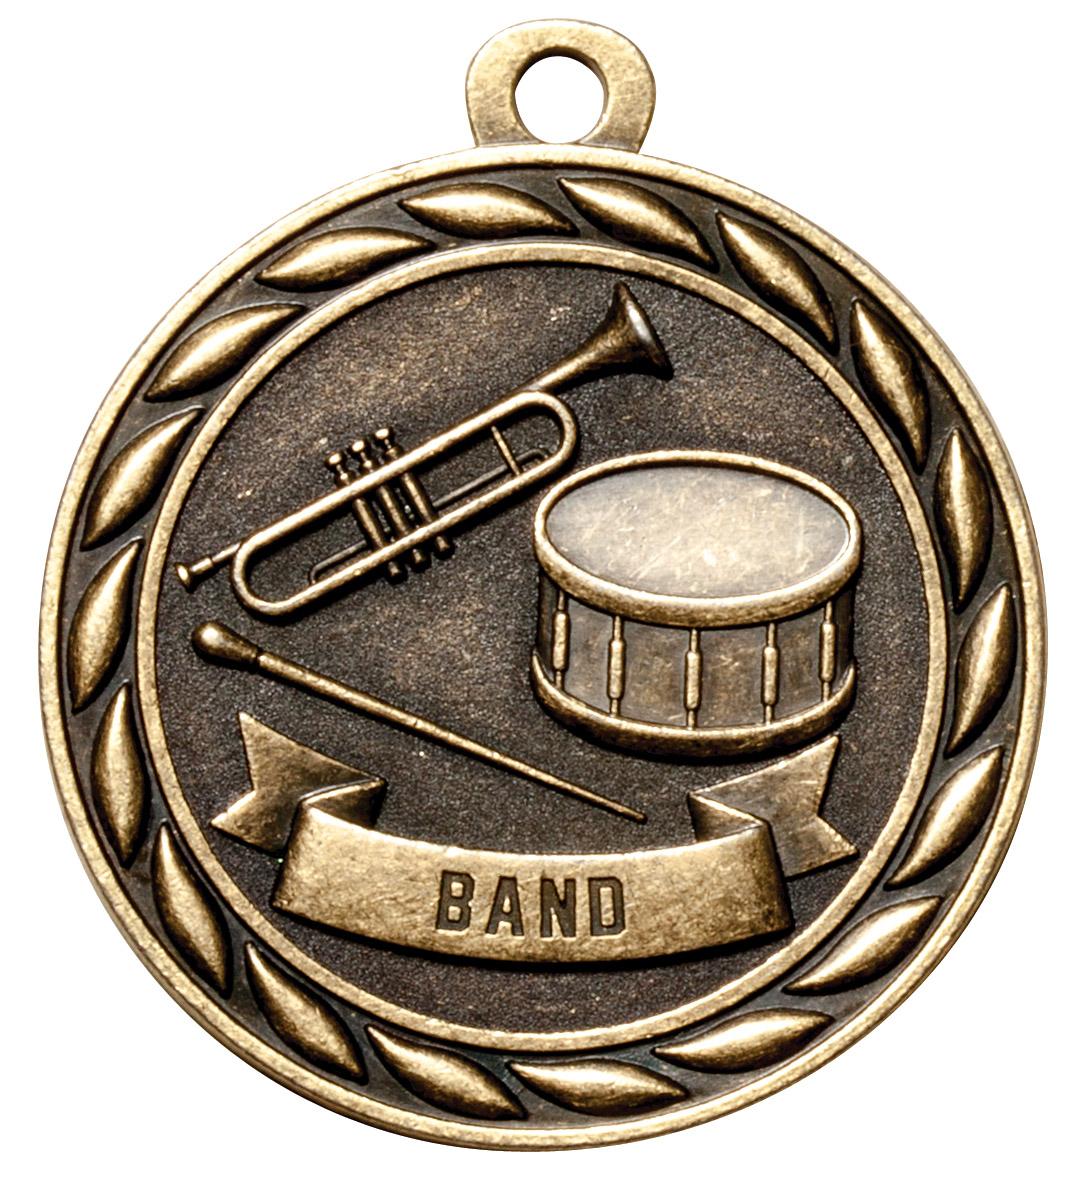 M303-MS - Band